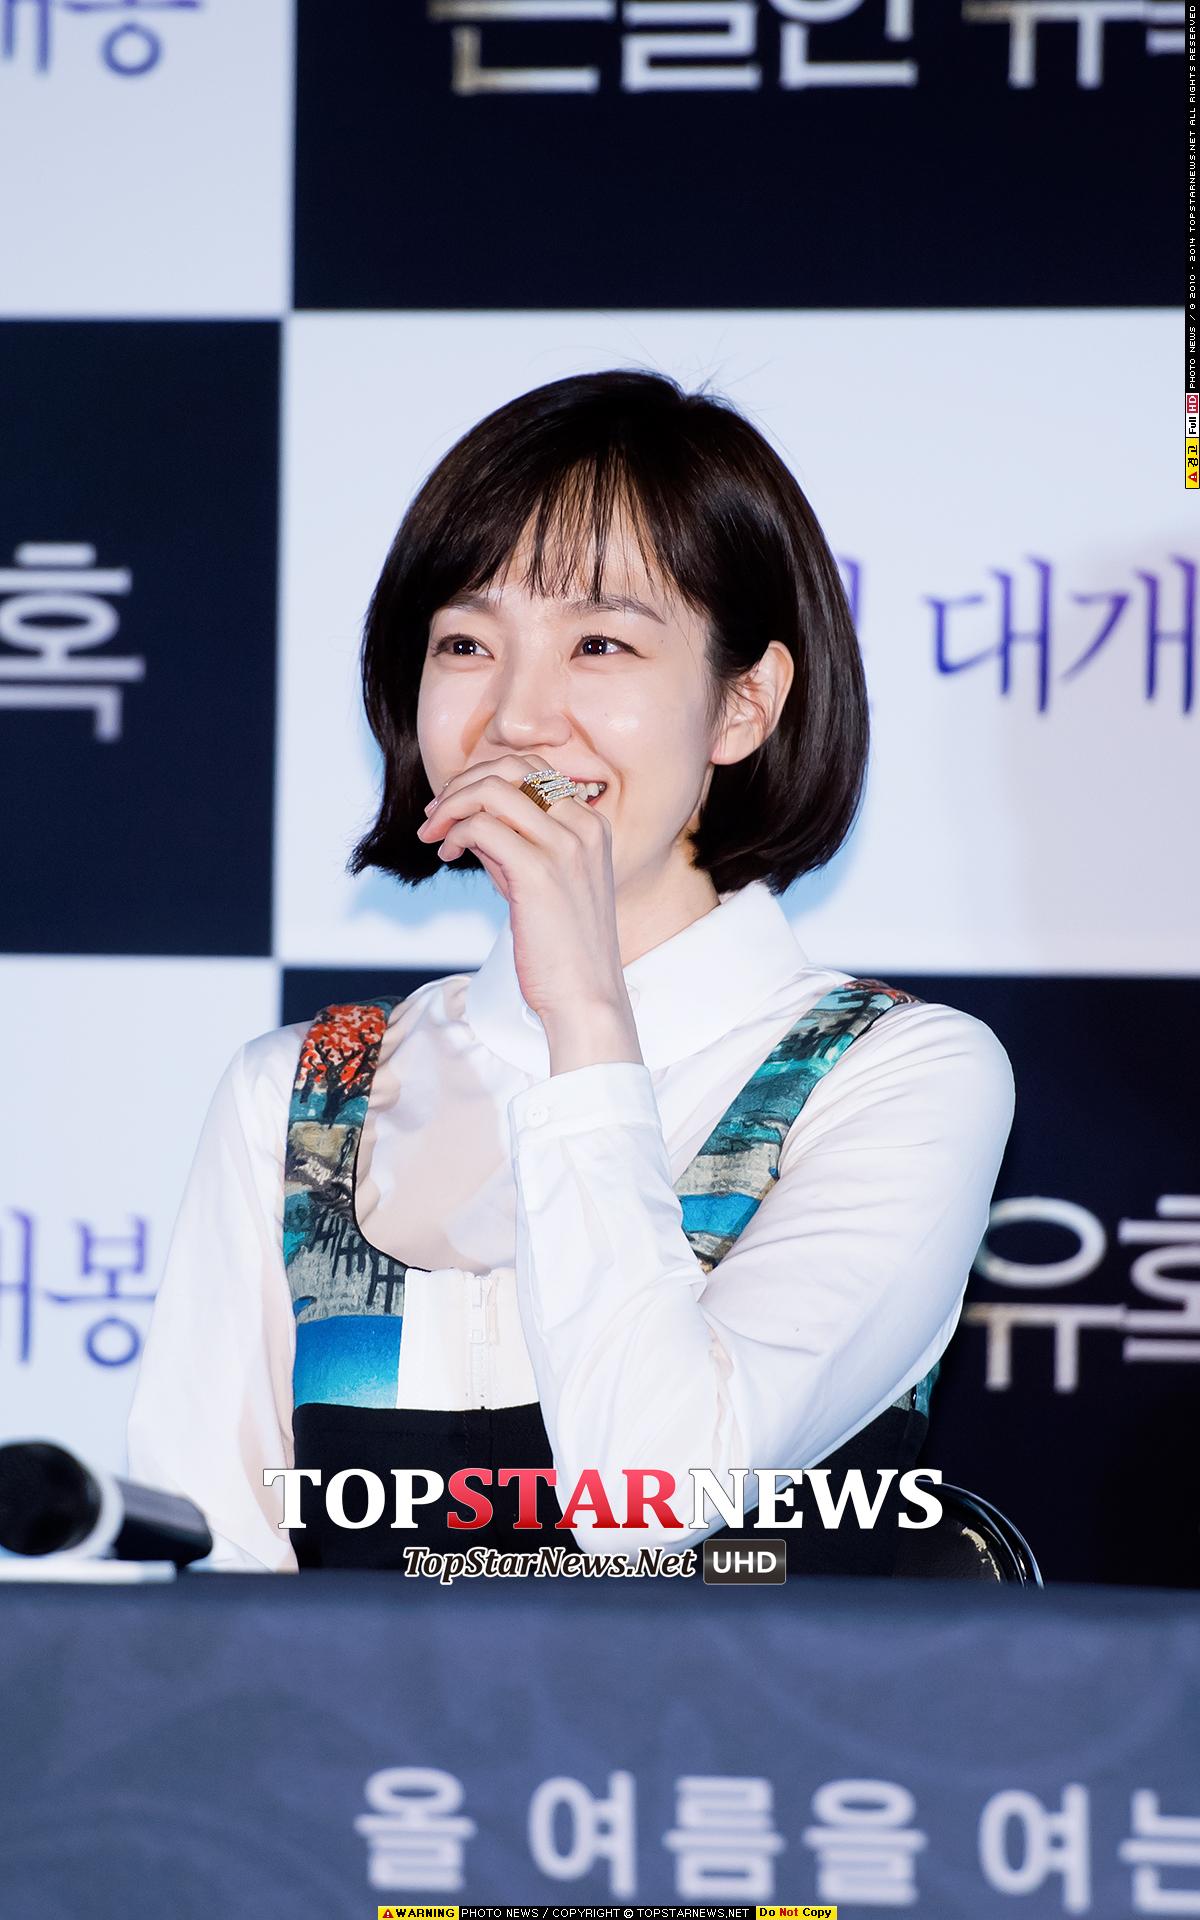 還有當初超級經典韓劇《對不起,我愛你》女主角林秀晶(1979年生:36歲)